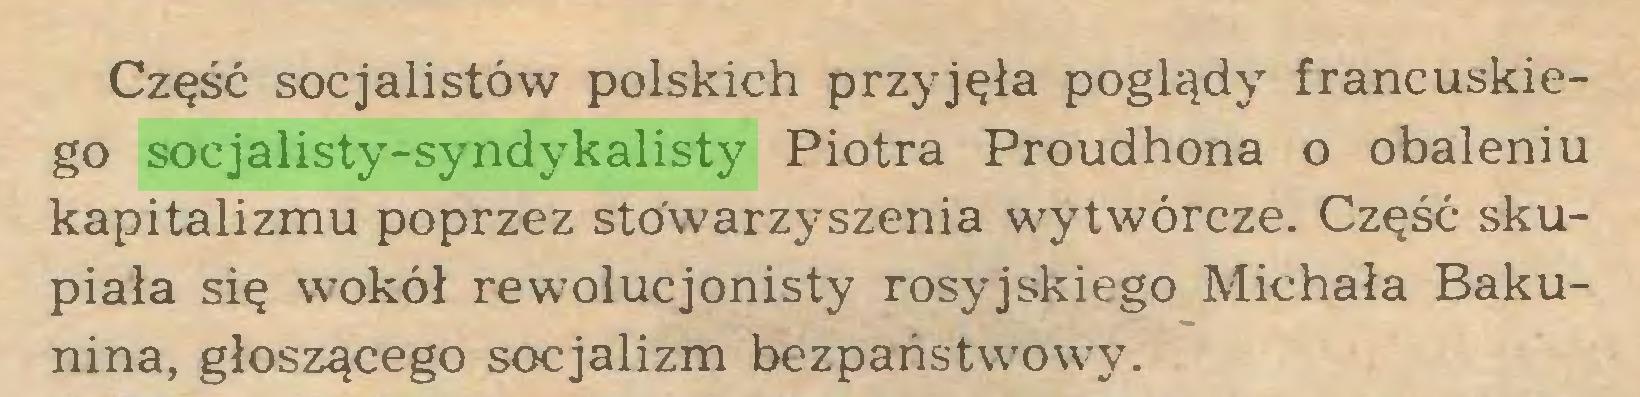 (...) Część socjalistów polskich przyjęła poglądy francuskiego socjalisty-syndykalisty Piotra Proudhona o obaleniu kapitalizmu poprzez stowarzyszenia wytwórcze. Część skupiała się wokół rewolucjonisty rosyjskiego Michała Bakunina, głoszącego socjalizm bezpaństwowy...